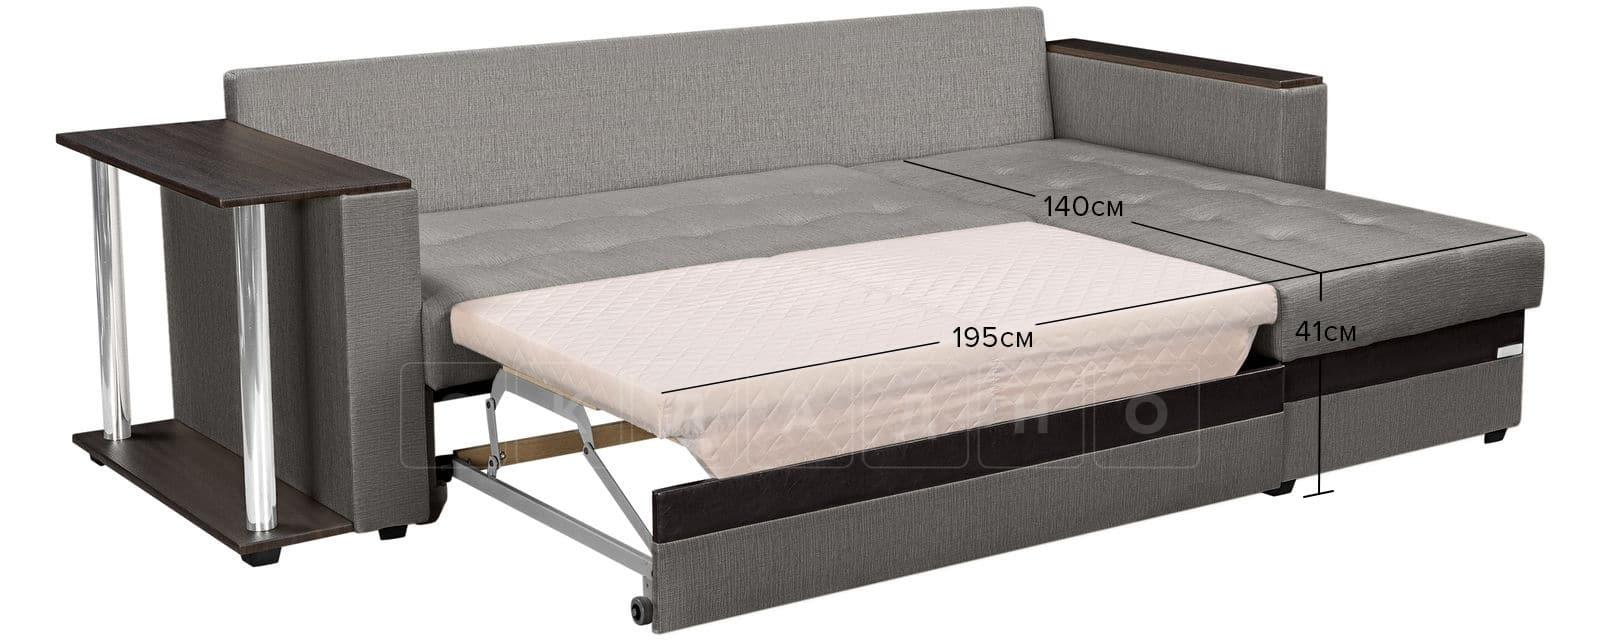 Угловой диван Атланта рогожка серого цвета фото 11 | интернет-магазин Складно